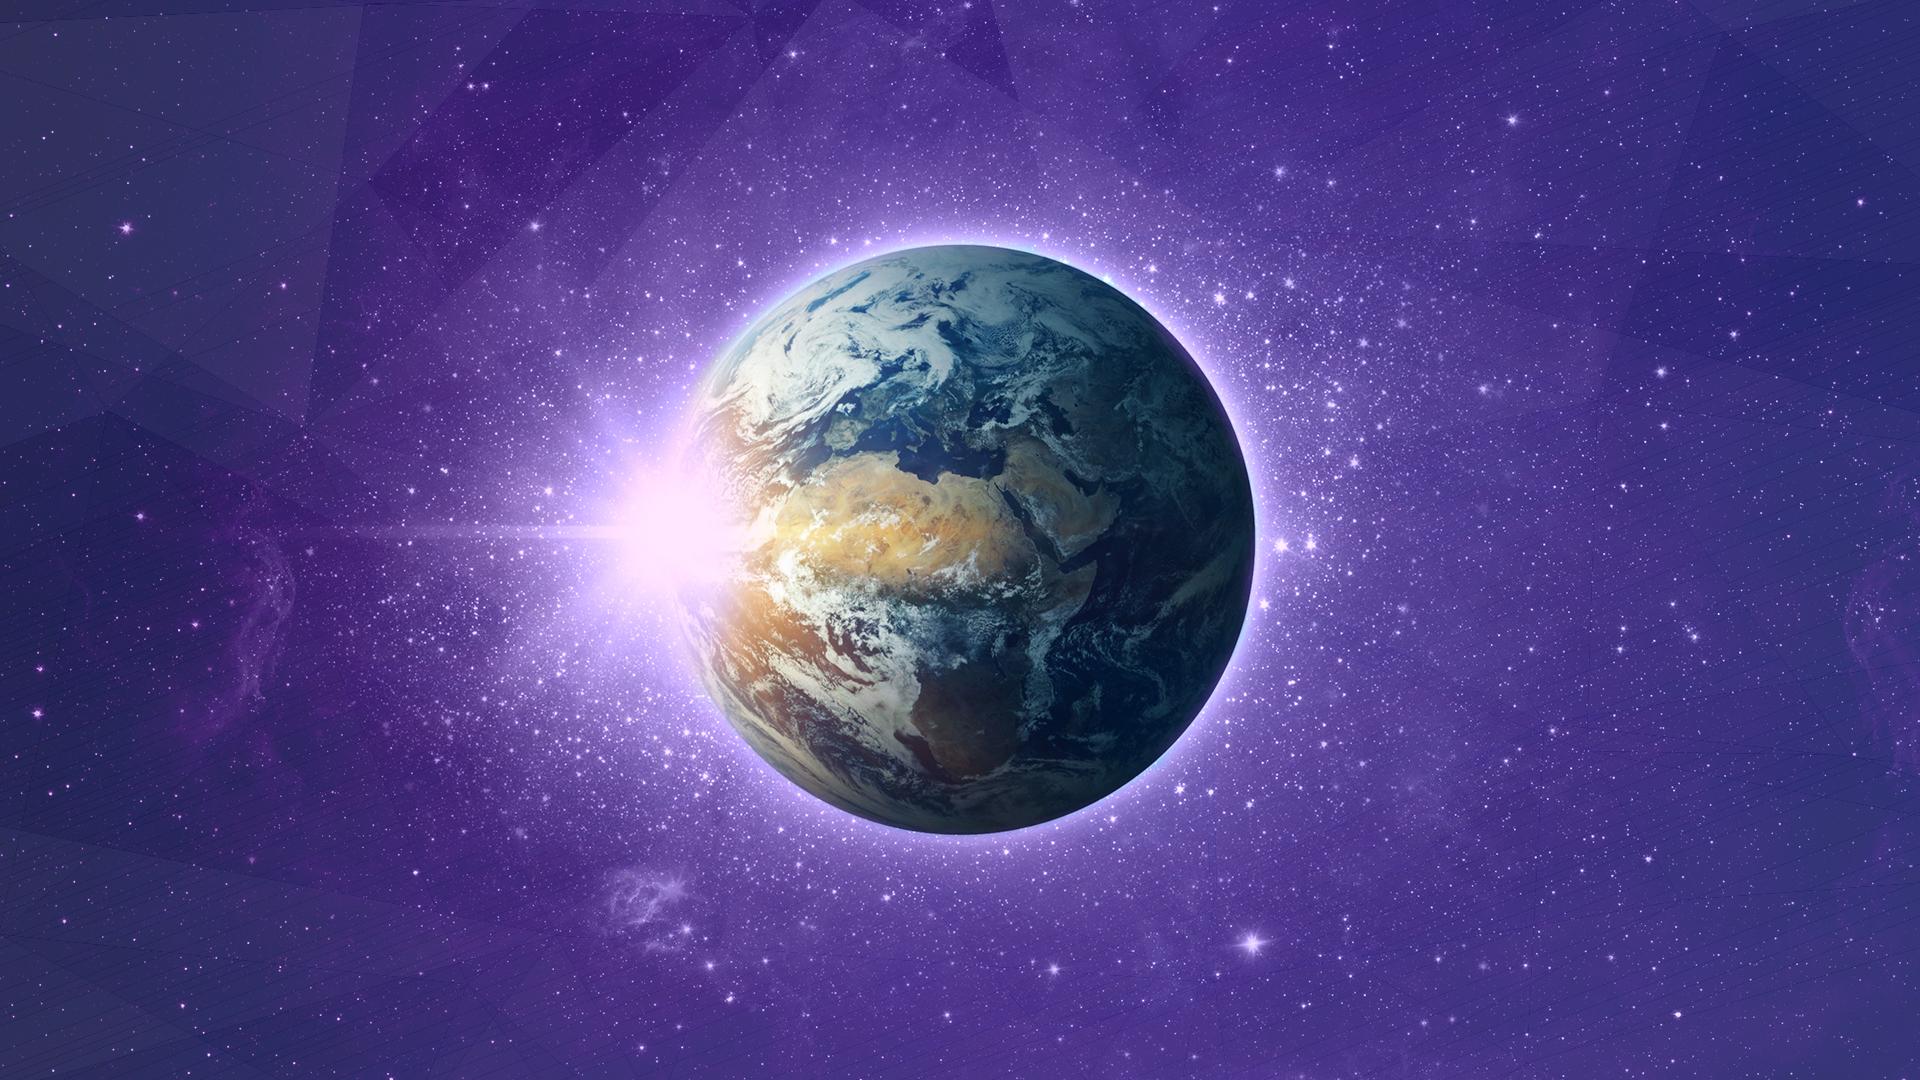 Weltraum, Raumfahrt, Nasa, Energie, Weltall, Umwelt, Erde, Klima, Planet, Umweltschutz, ökostrom, Klimaschutz, Klimawandel, Welt, Globus, Erderwärmung, Klimaerwärmung, Klimapolitik, Wetter, Erwärmung, Sterne, Climate, Umweltfreundlich, Ozean, Earth, Weltklimagipfel, Sternenhimmel, Nachthimmel, Pflanze, Regenwald, wind, Urwald, Wald, Sternschnuppen, Nordpol, Wolken, Plan B, Planet Erde, Klimaziel, Blauer Planet